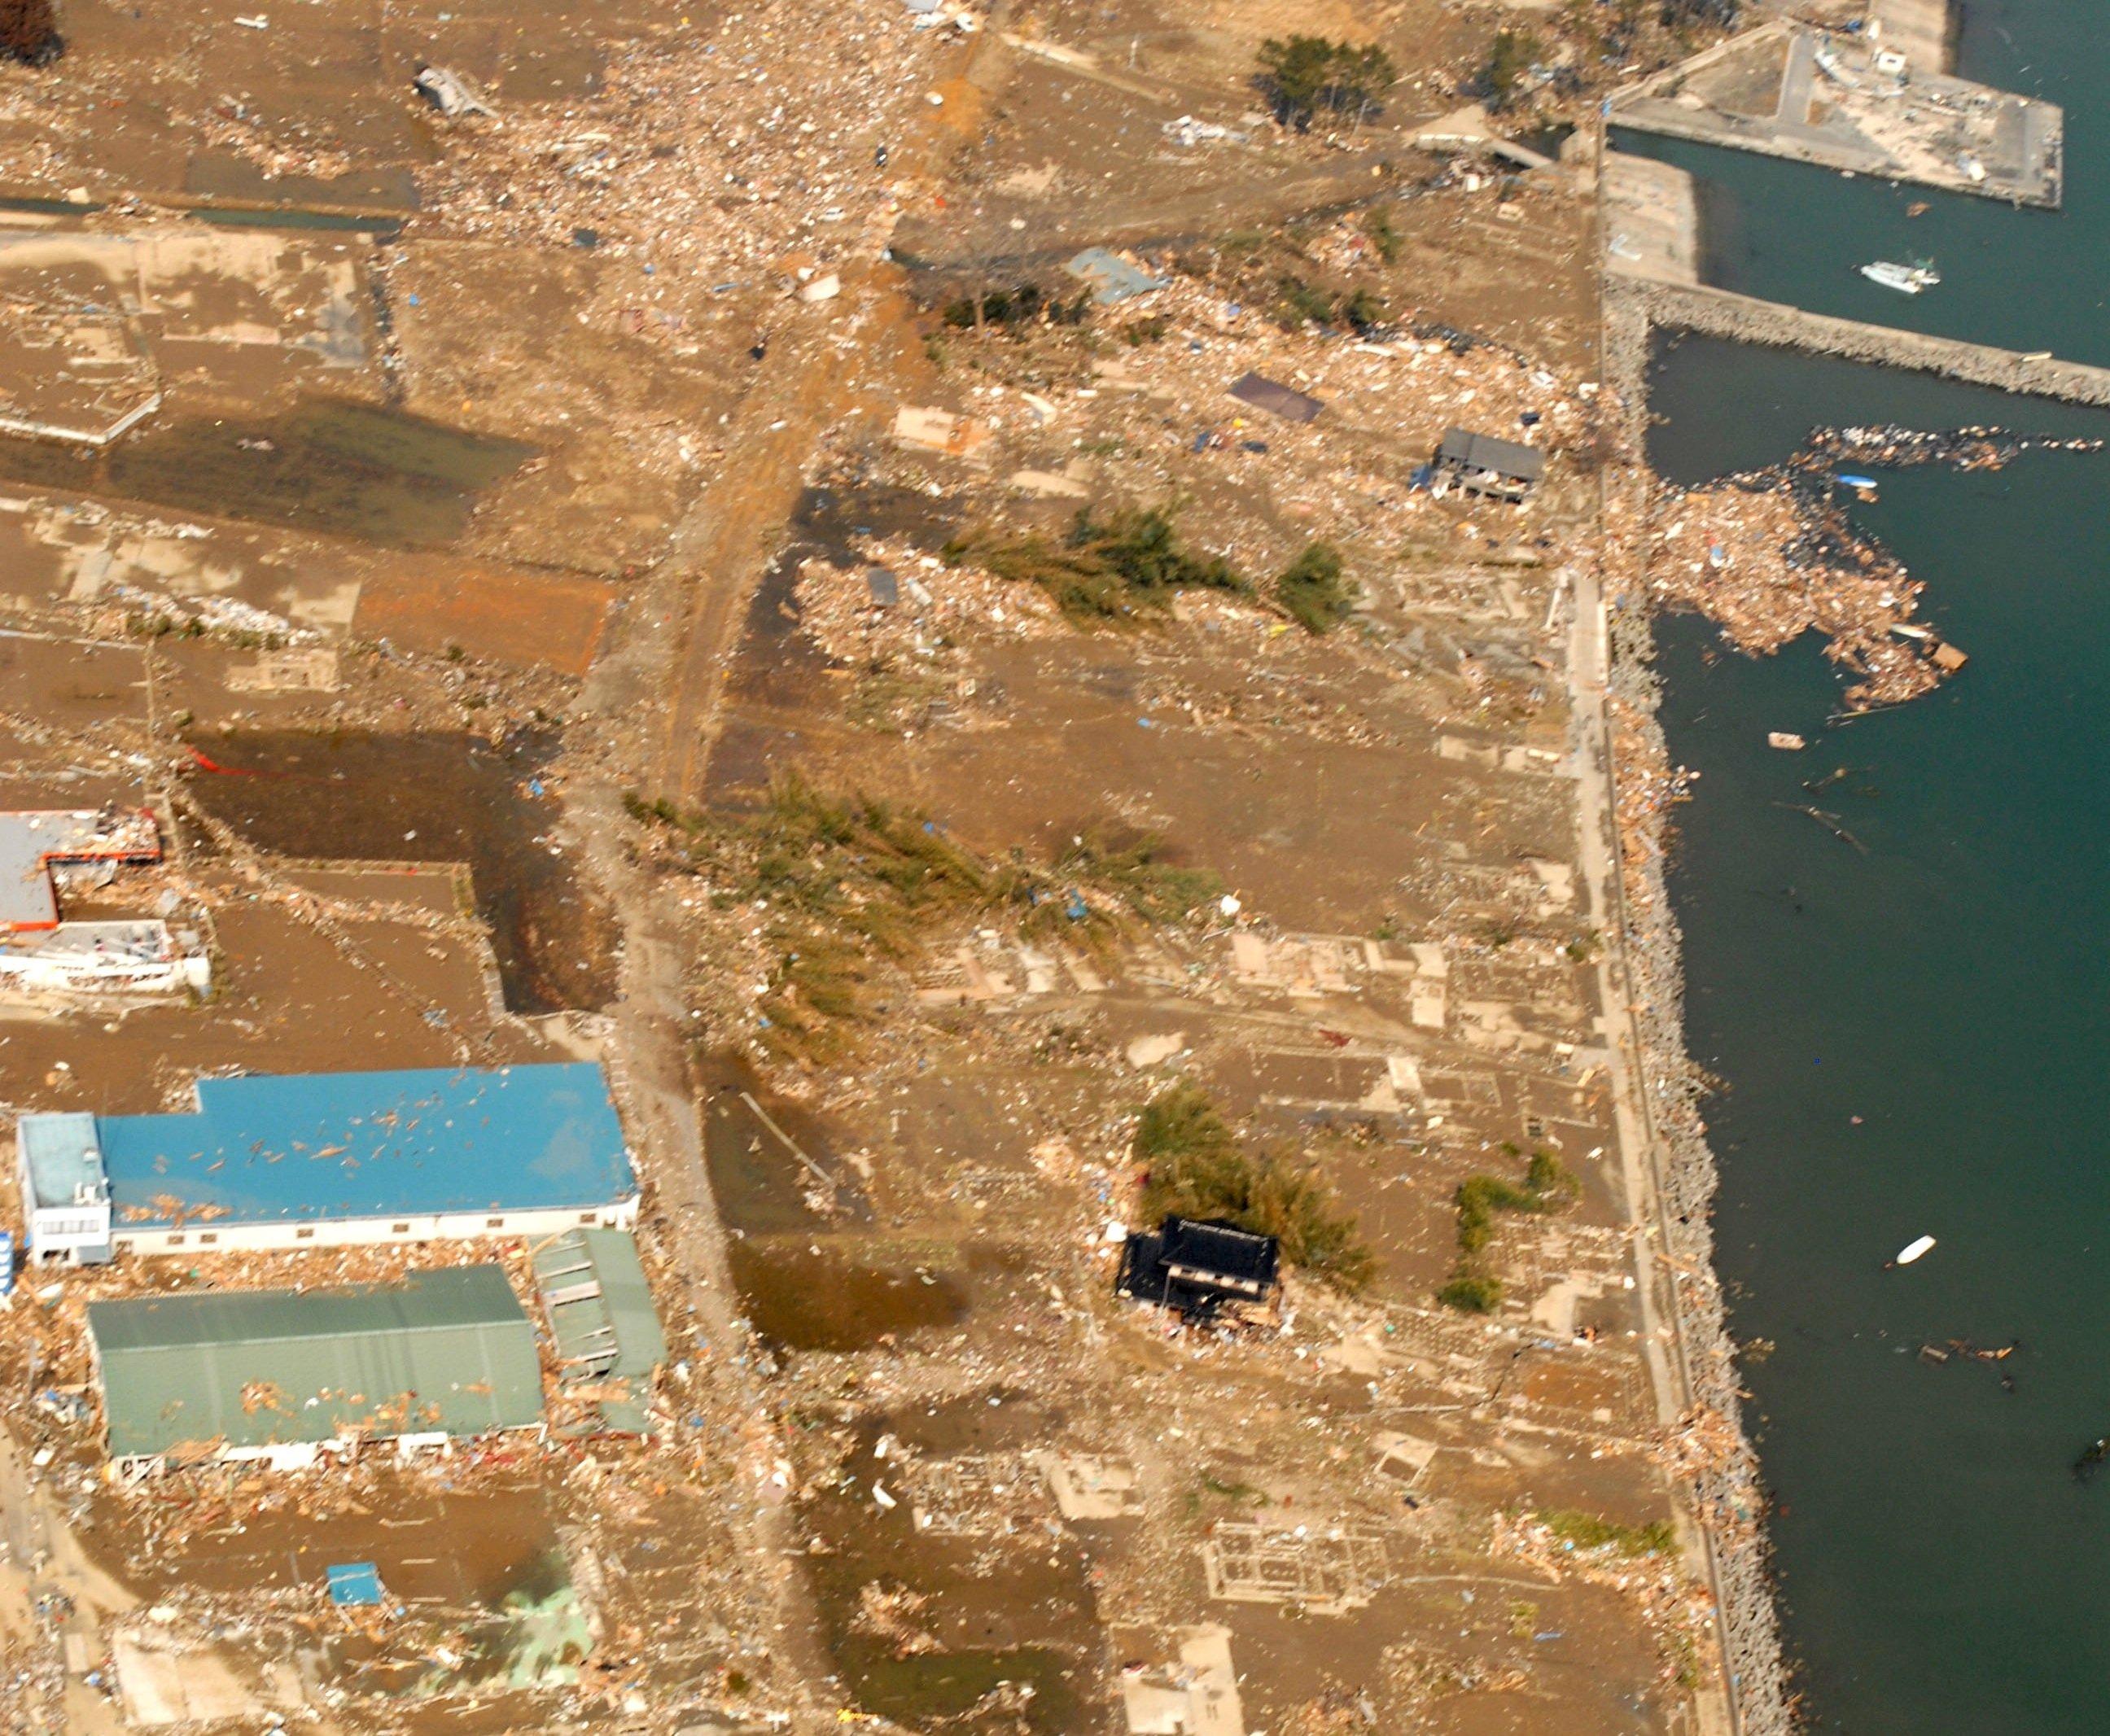 Das zerstörte Takihana am 13. März 2011, zwei Tage nach dem Tsunami: Jetzt will Japan ein Viertel der japanischen Küste durch eine hohe Mauer schützen.